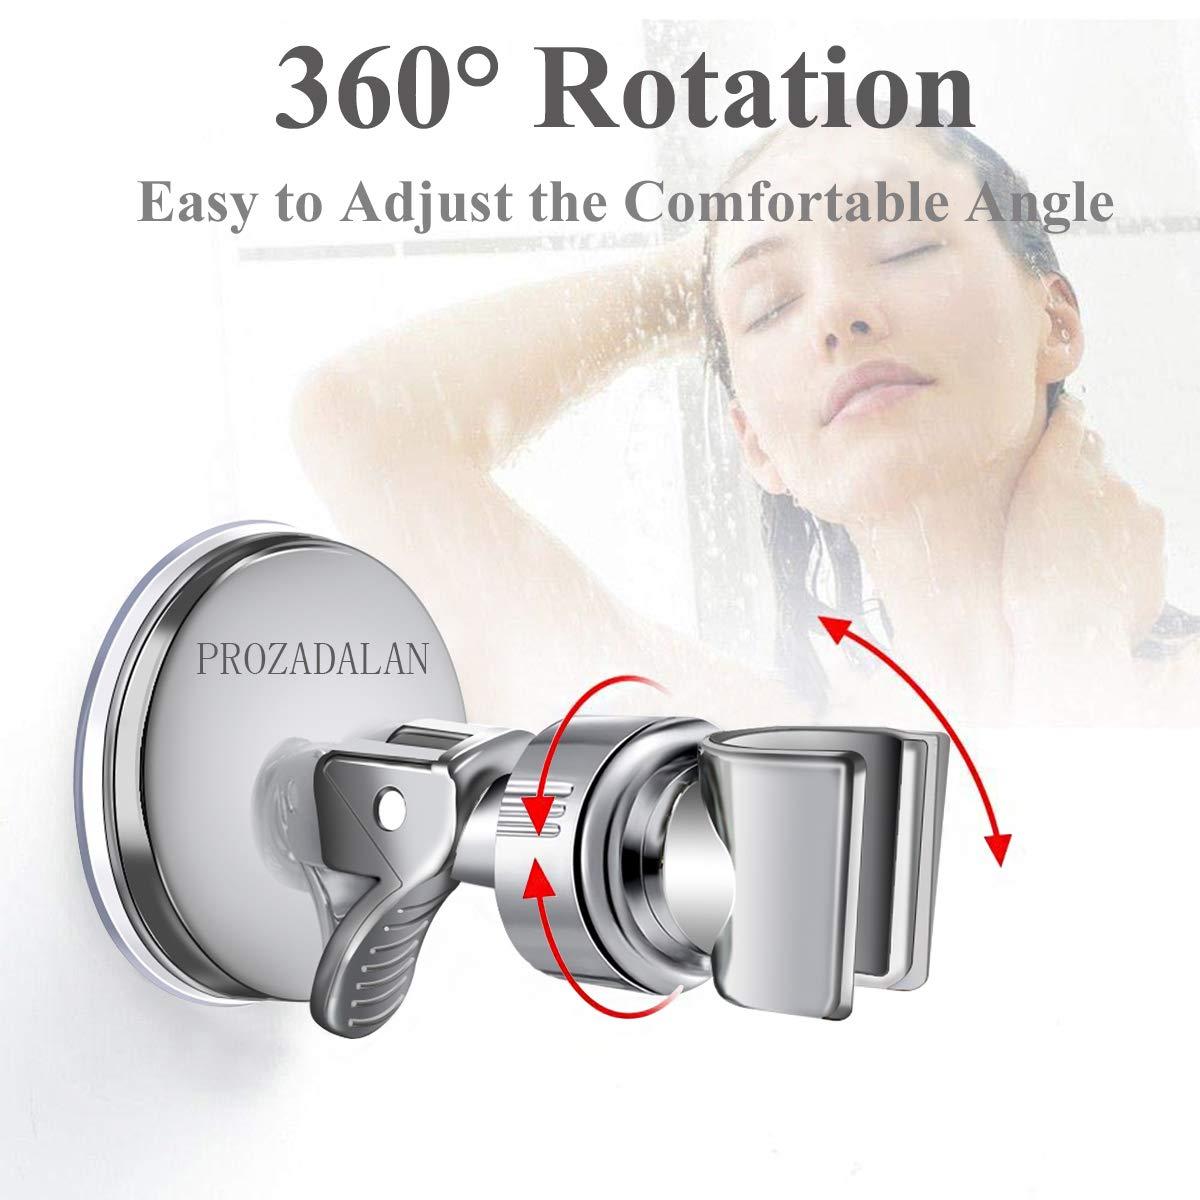 Sliver-1 Ventosa de Vac/ío Ajustable en /ángulo soporte de Ducha Ajustable de rotaci/ón de 360/° Soporte de Ducha Soporte de Cabezal de Ducha Soporte de Ducha de Mano Ajustable Extra/íble